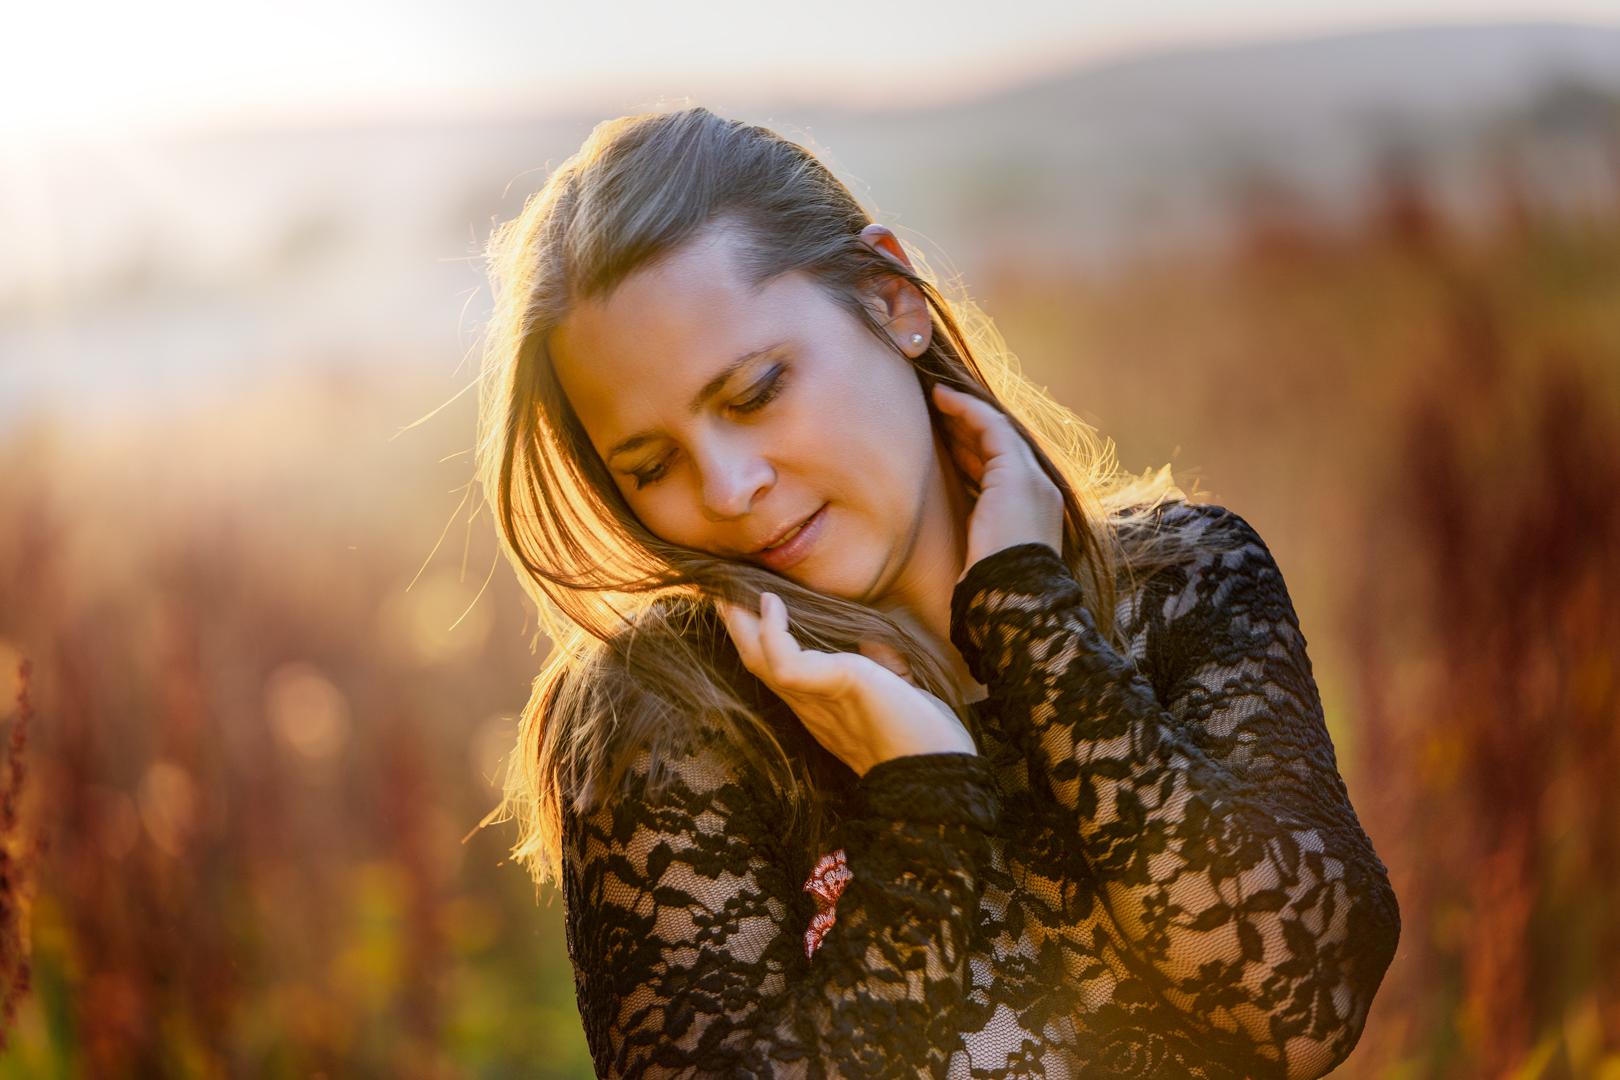 Fotoshooting frau im Sonnenuntergang